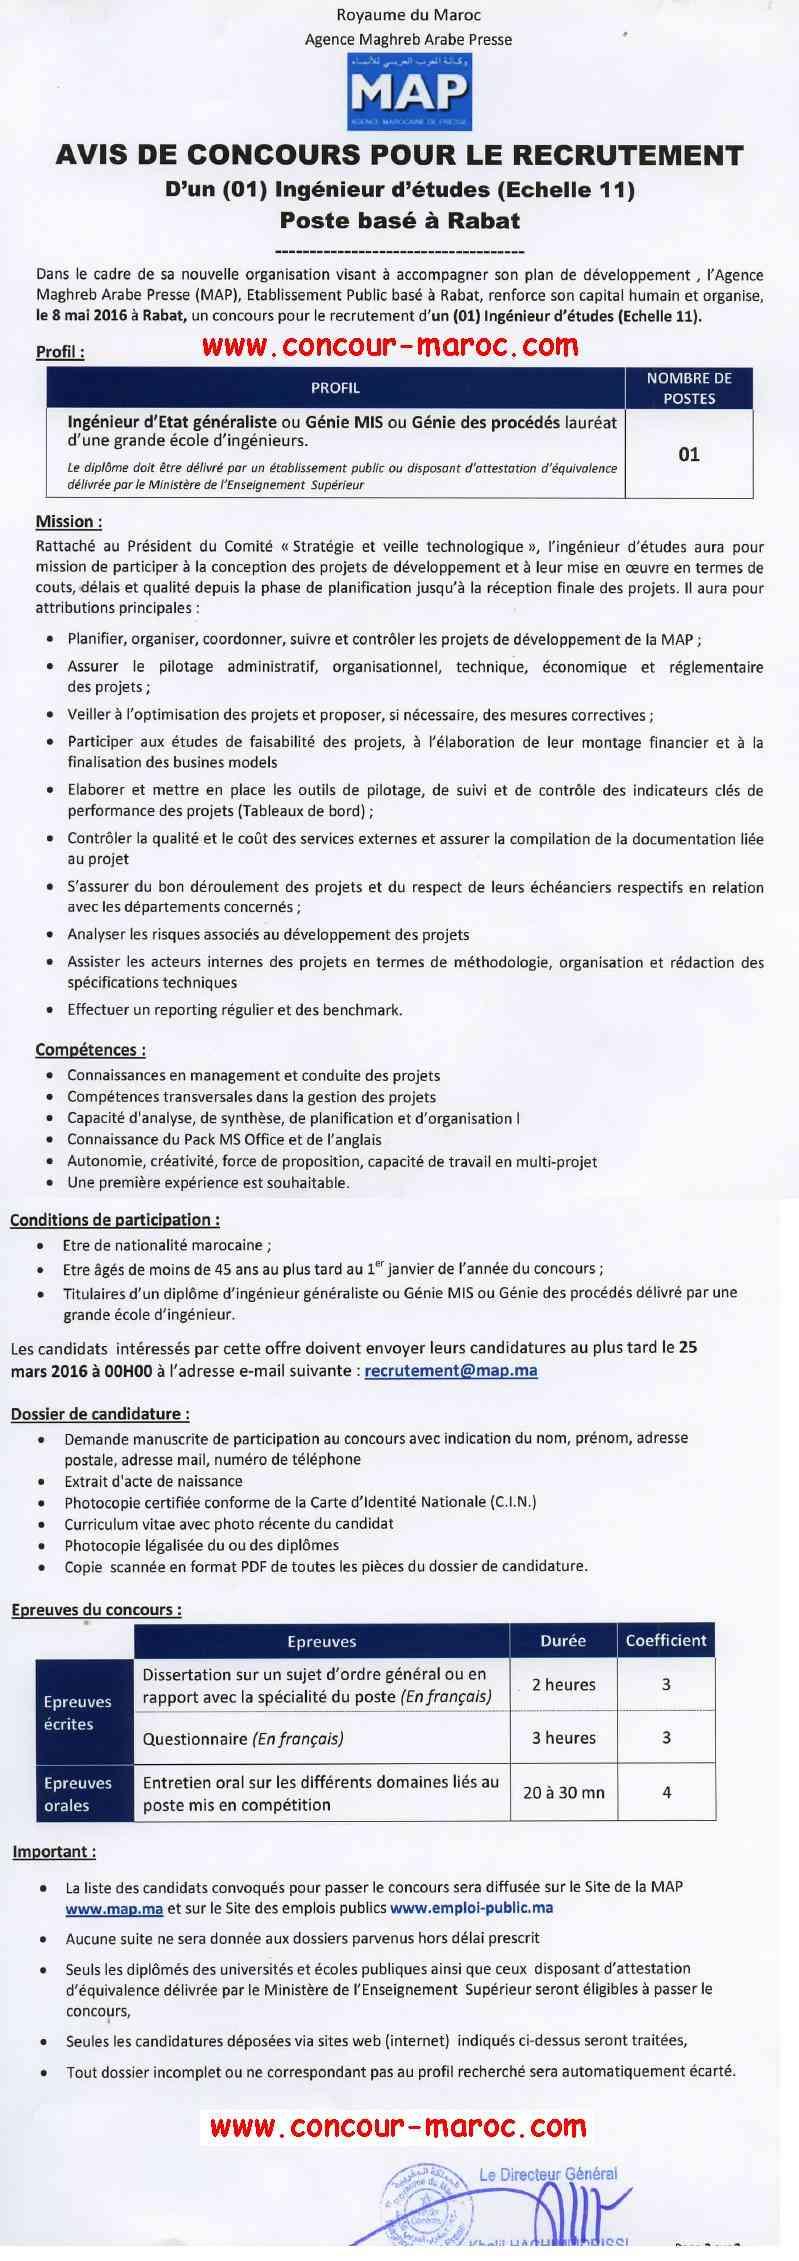 وكالة المغرب العربي للأنباء : مباراة لتوظيف ثقني في الاجور سلم 9 (1 منصب) و اطار في الموارد البشرية سلم 11(1 منصب) و مهندس الدراسات سلم 11(1 منصب) بمقر الرباط آخر أجل لإيداع الترشيحات 25 مارس 2016 Concou21